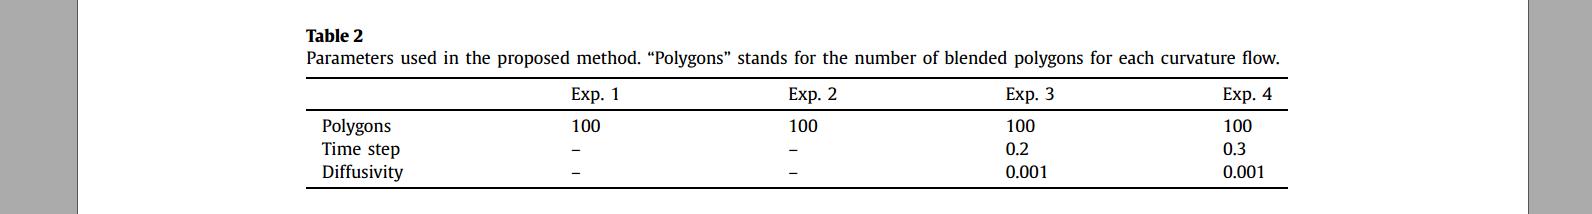 图中的表格为居中,但标题内容左对齐表格